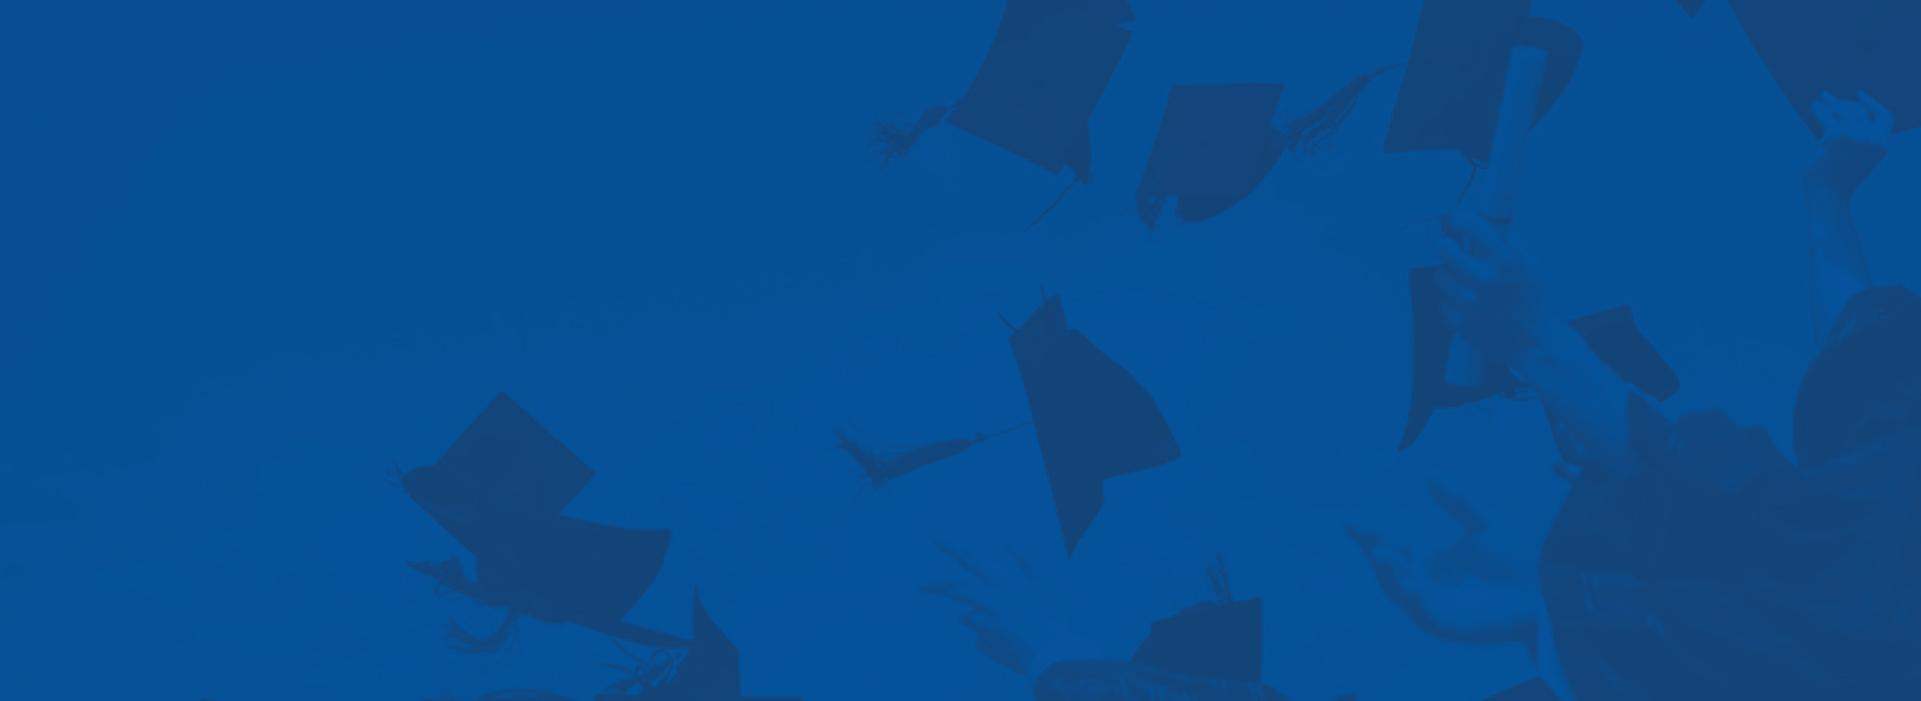 20181113-Admisiones-y-Registro-Académico-Ceremonia-de-grado_slider